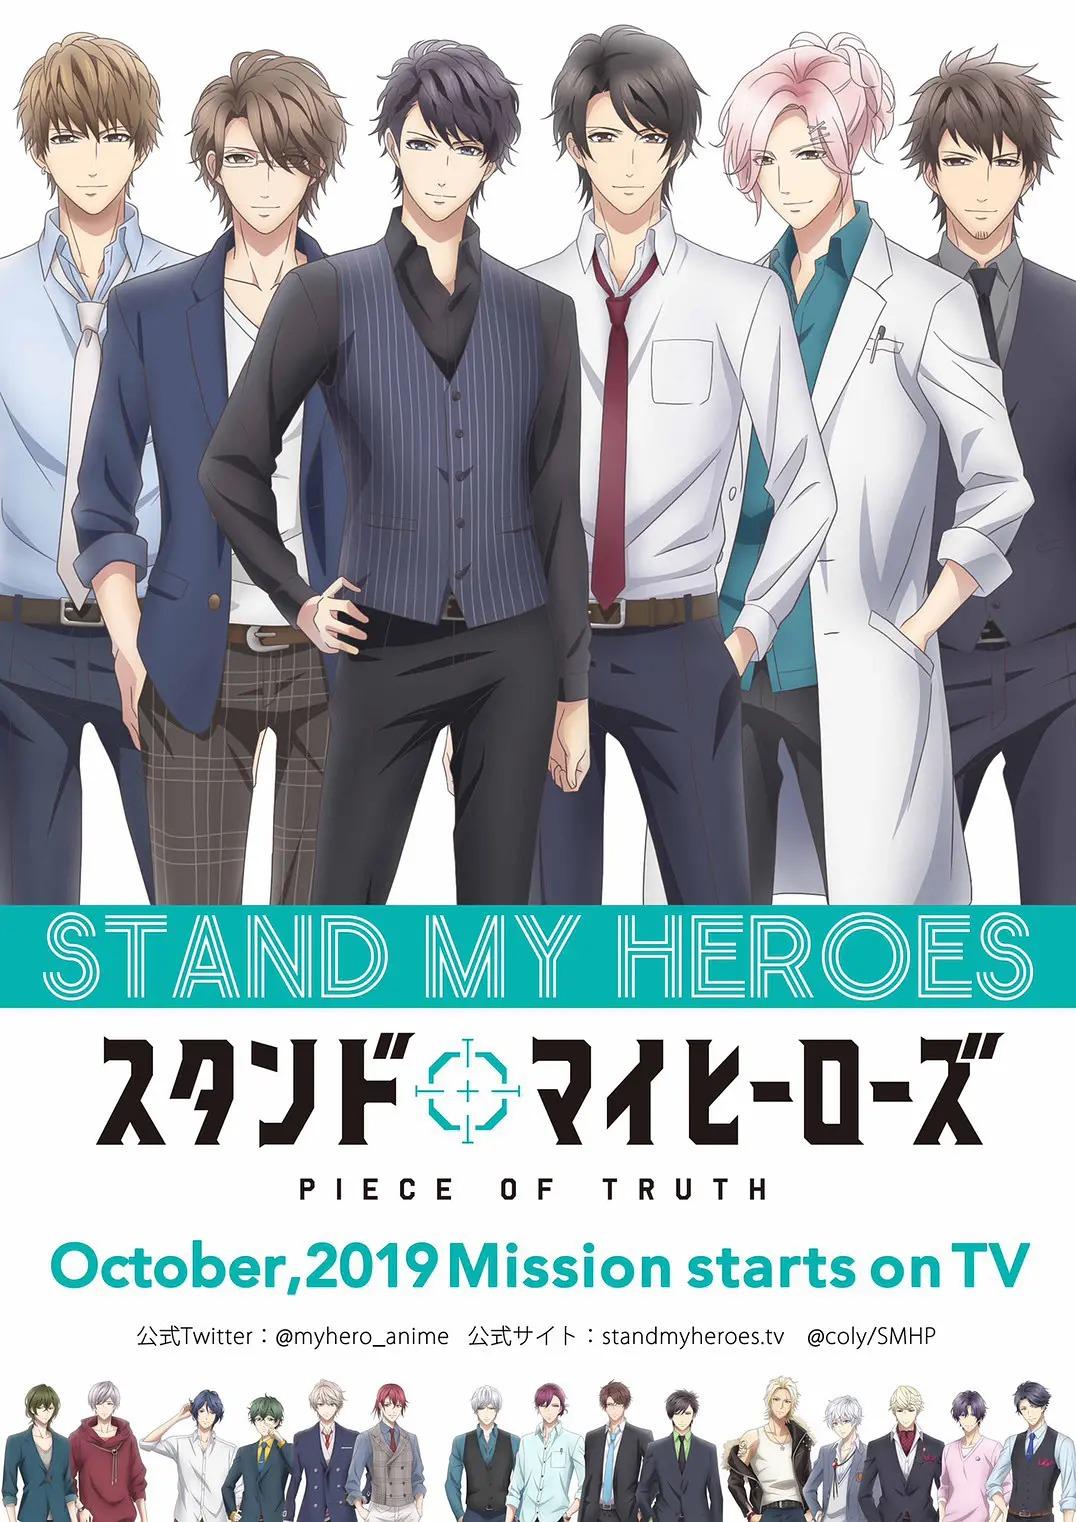 2019年日本奇幻动漫《STAND MY HEROES PIECE OF TRUTH/募恋英雄》高清日语中字迅雷下载【更新至12集】